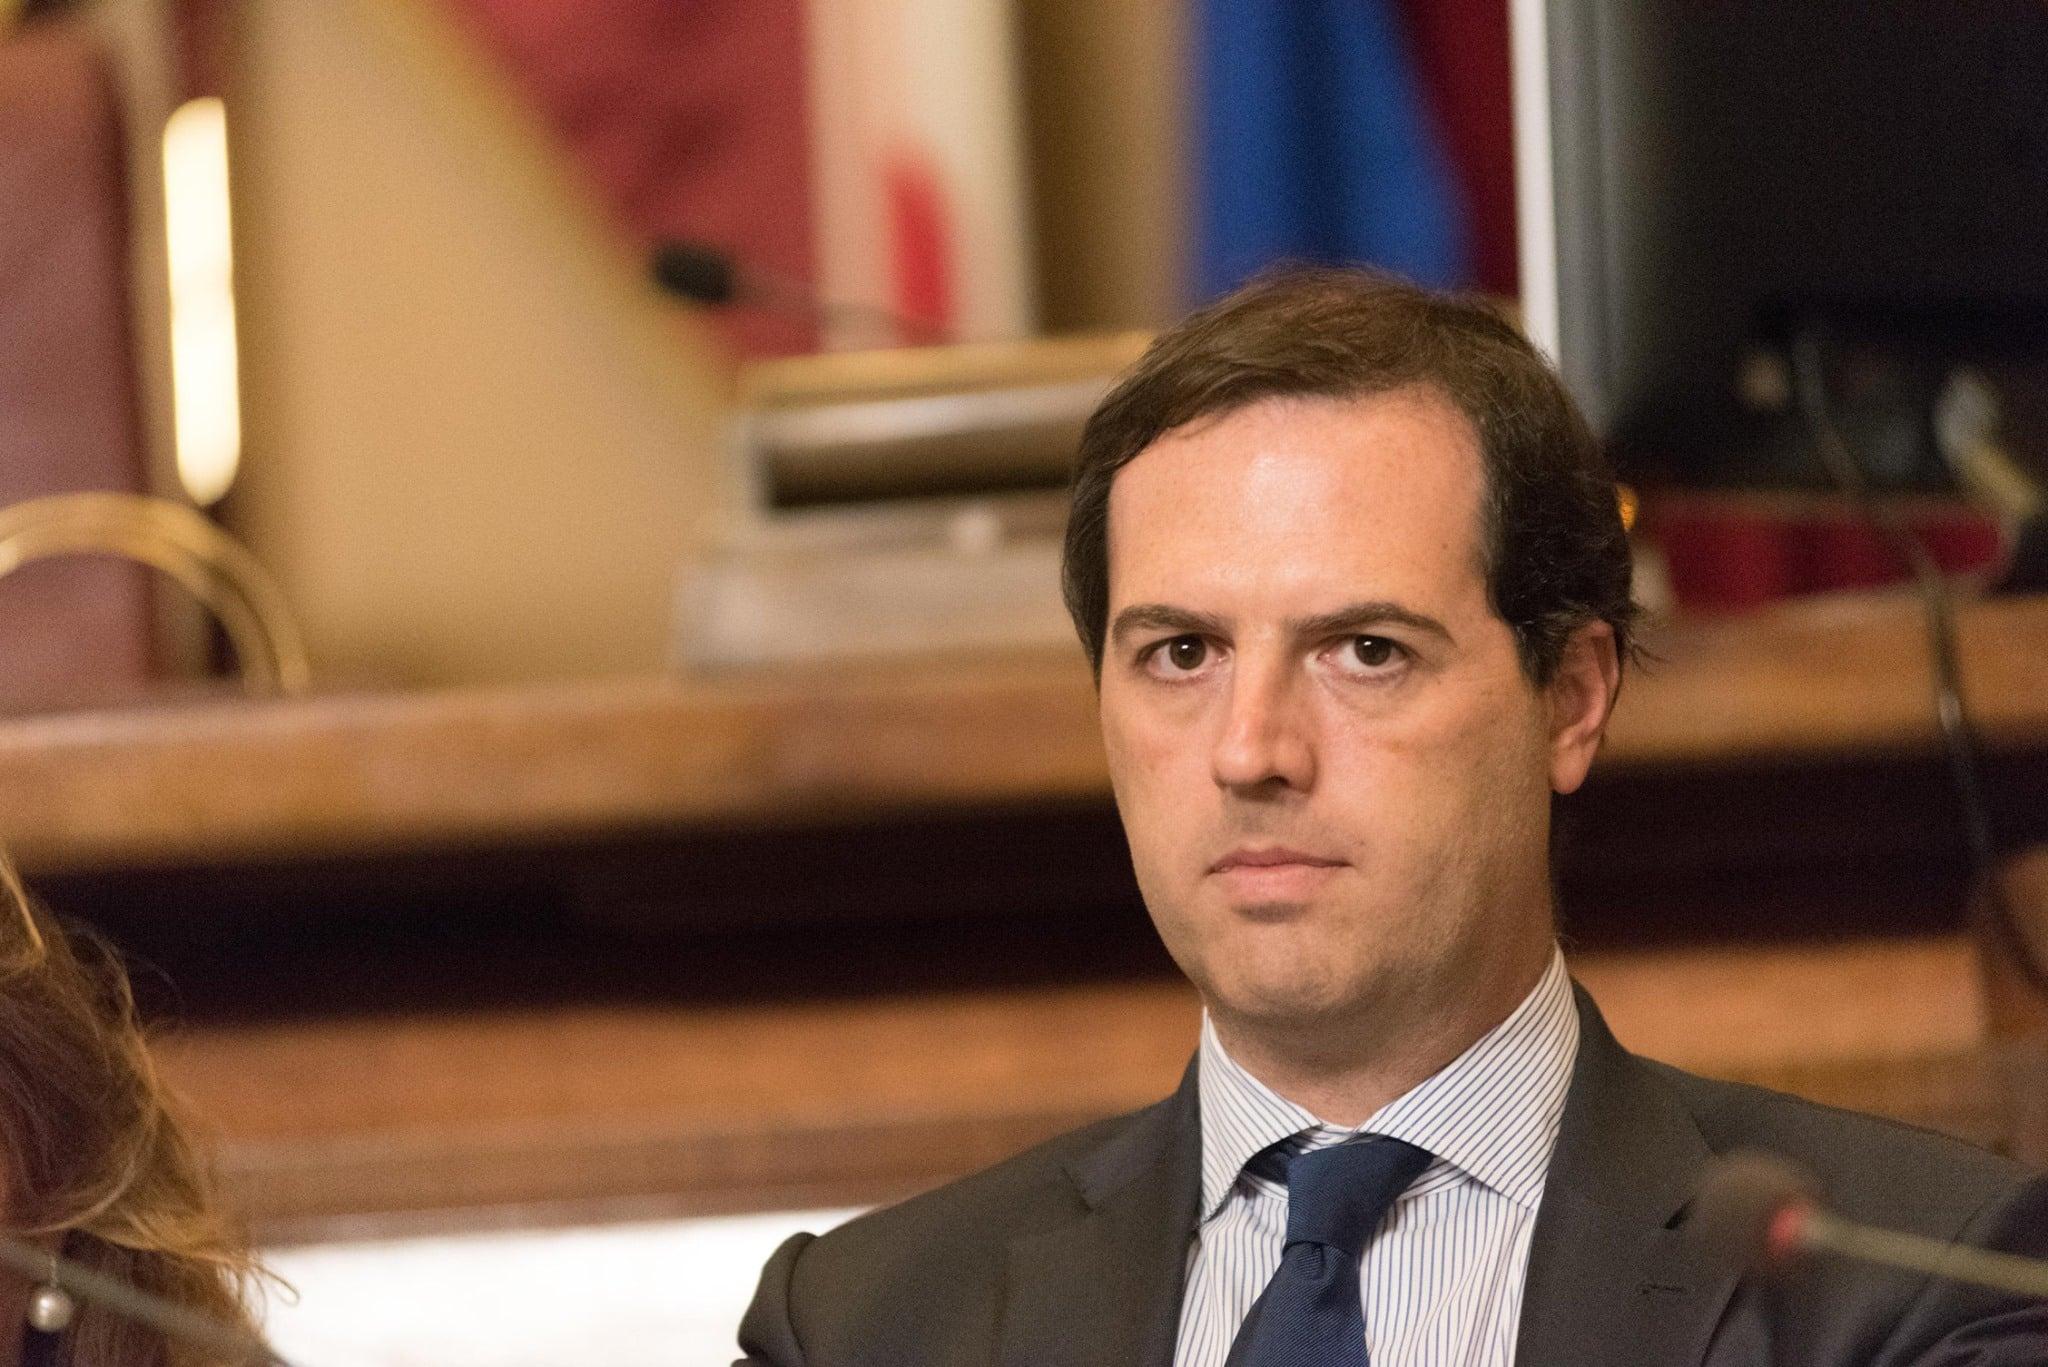 Impresa con sede in Libia e amministrazione in Sicilia: le indagini smentiscono, non era per eludere il fisco